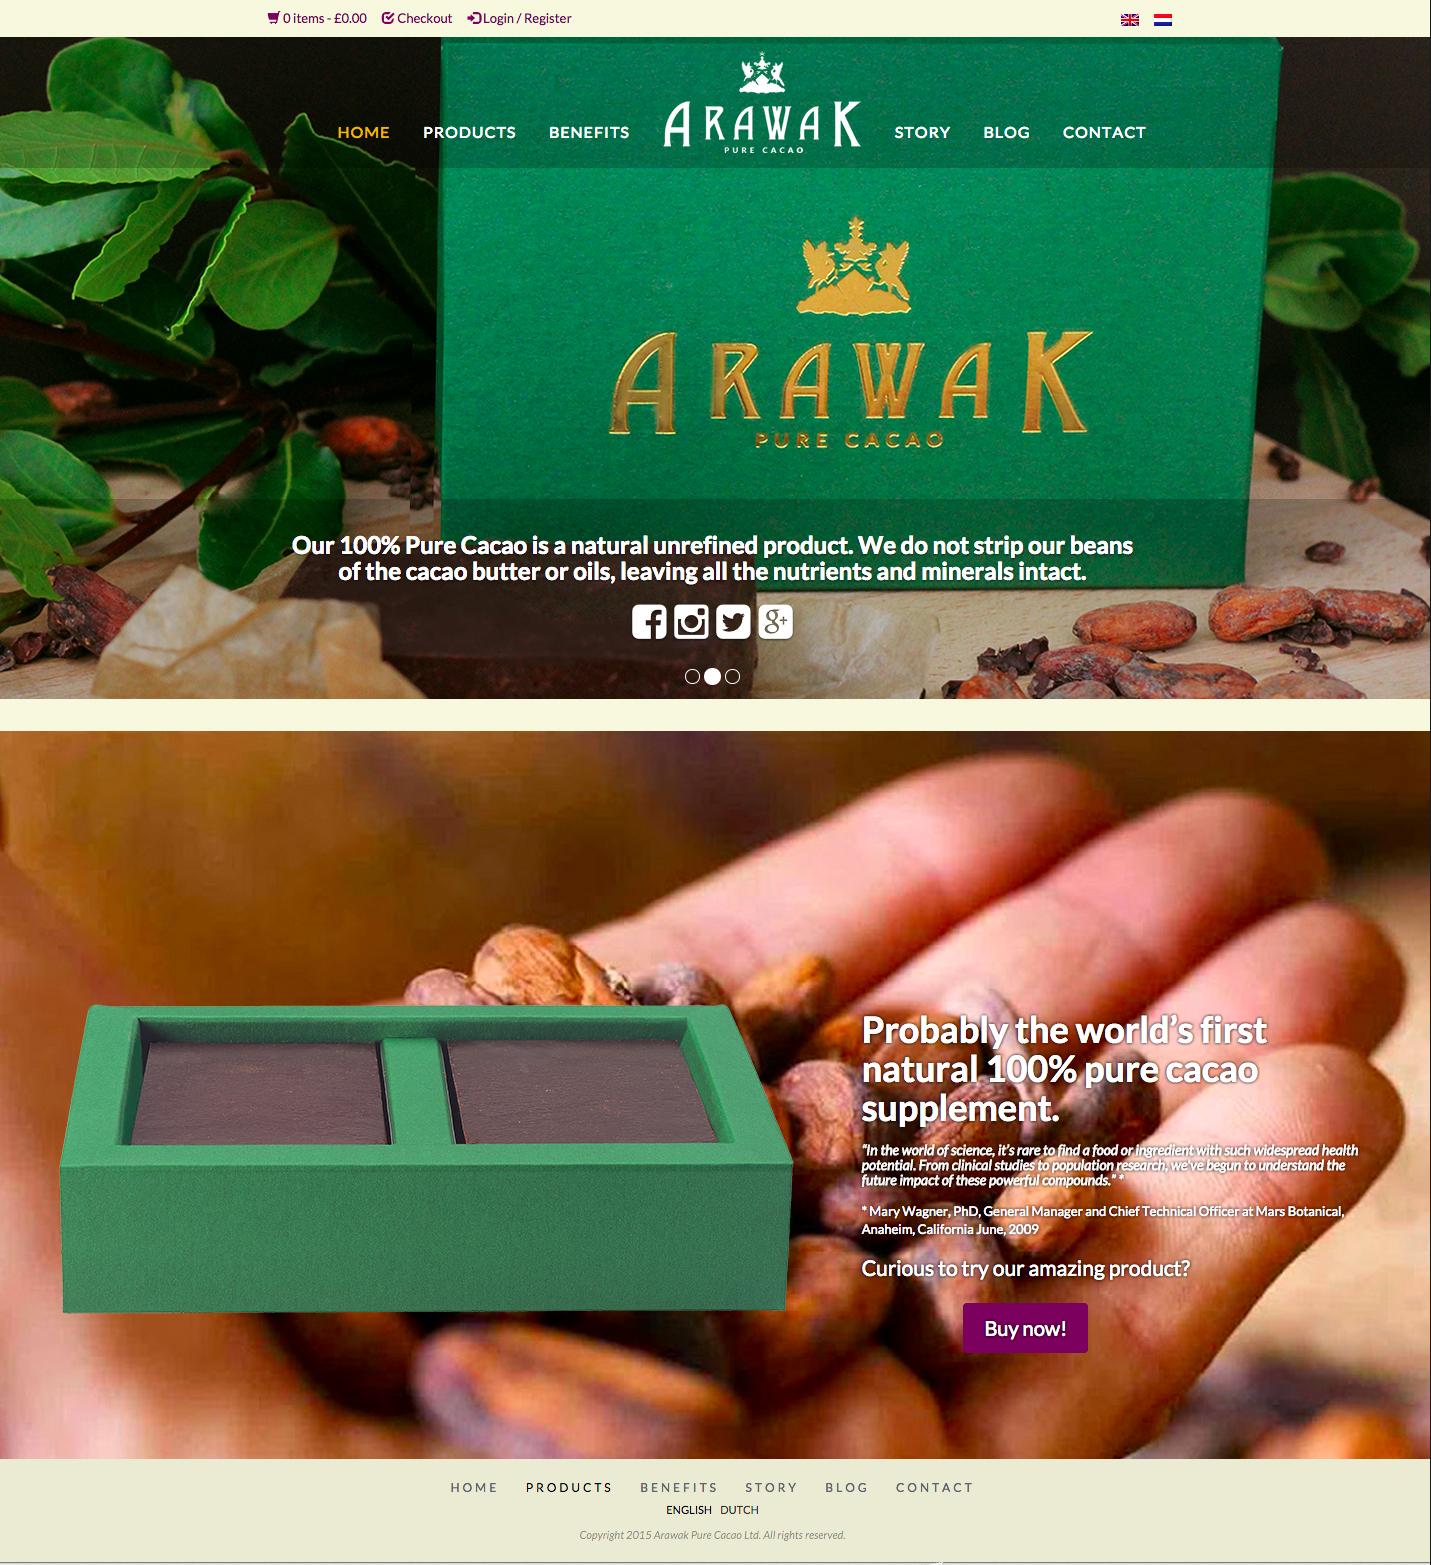 www.arawakpurecacao.com